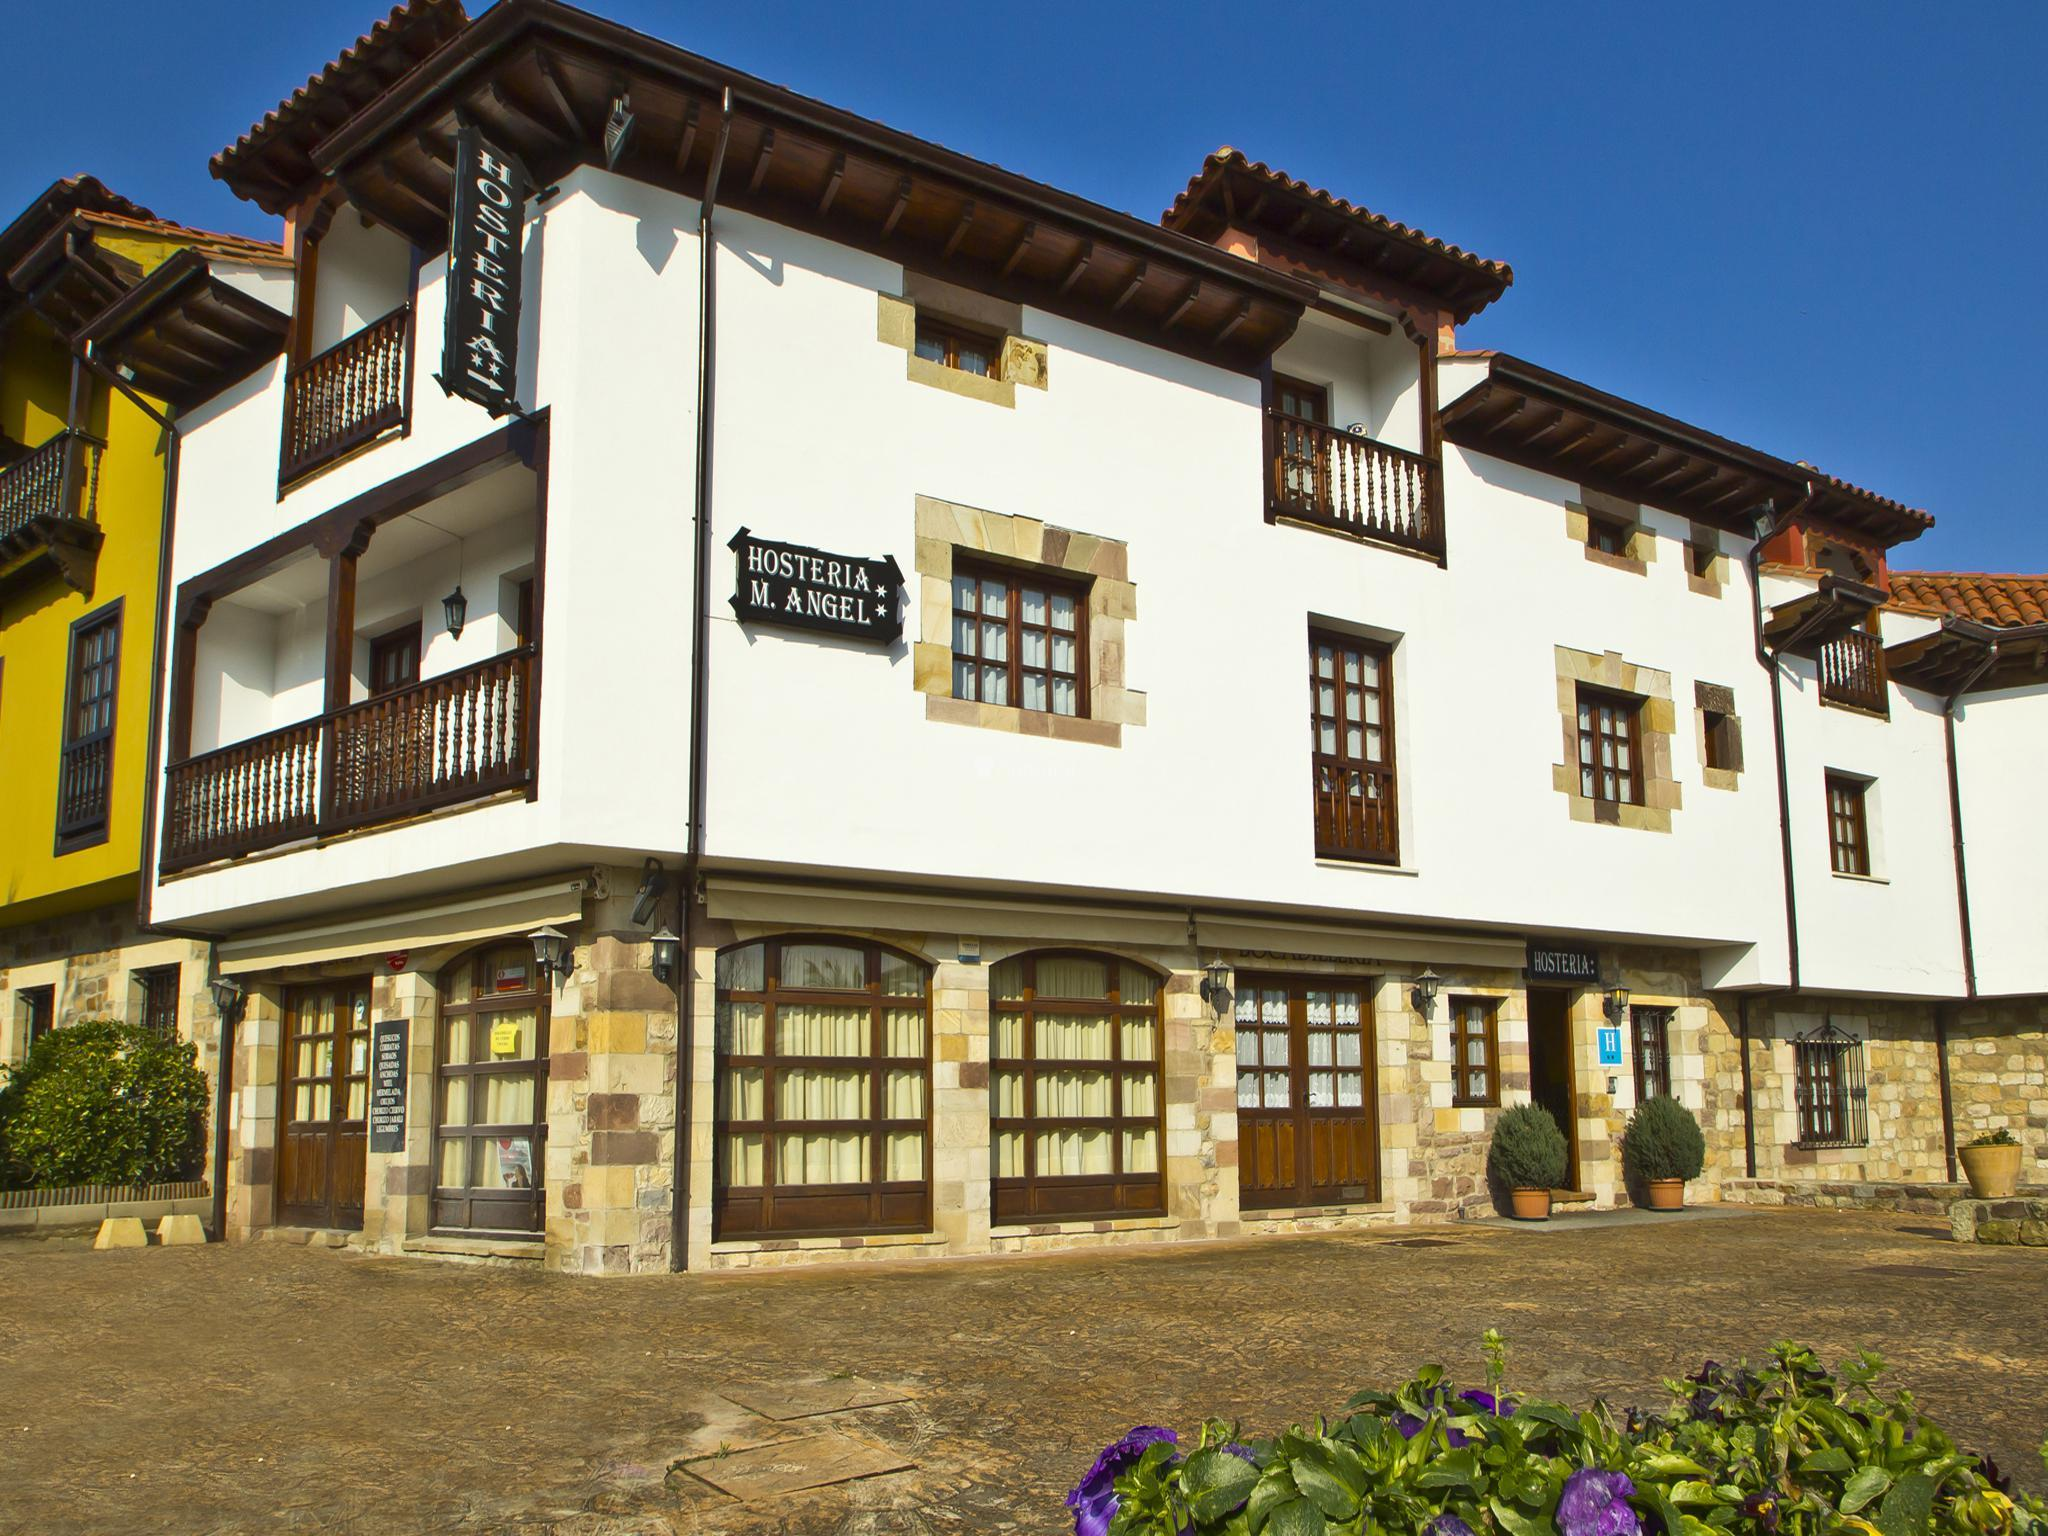 Fotos de hoster a miguel ngel cantabria santillana del mar clubrural - Miguel angel casas ...